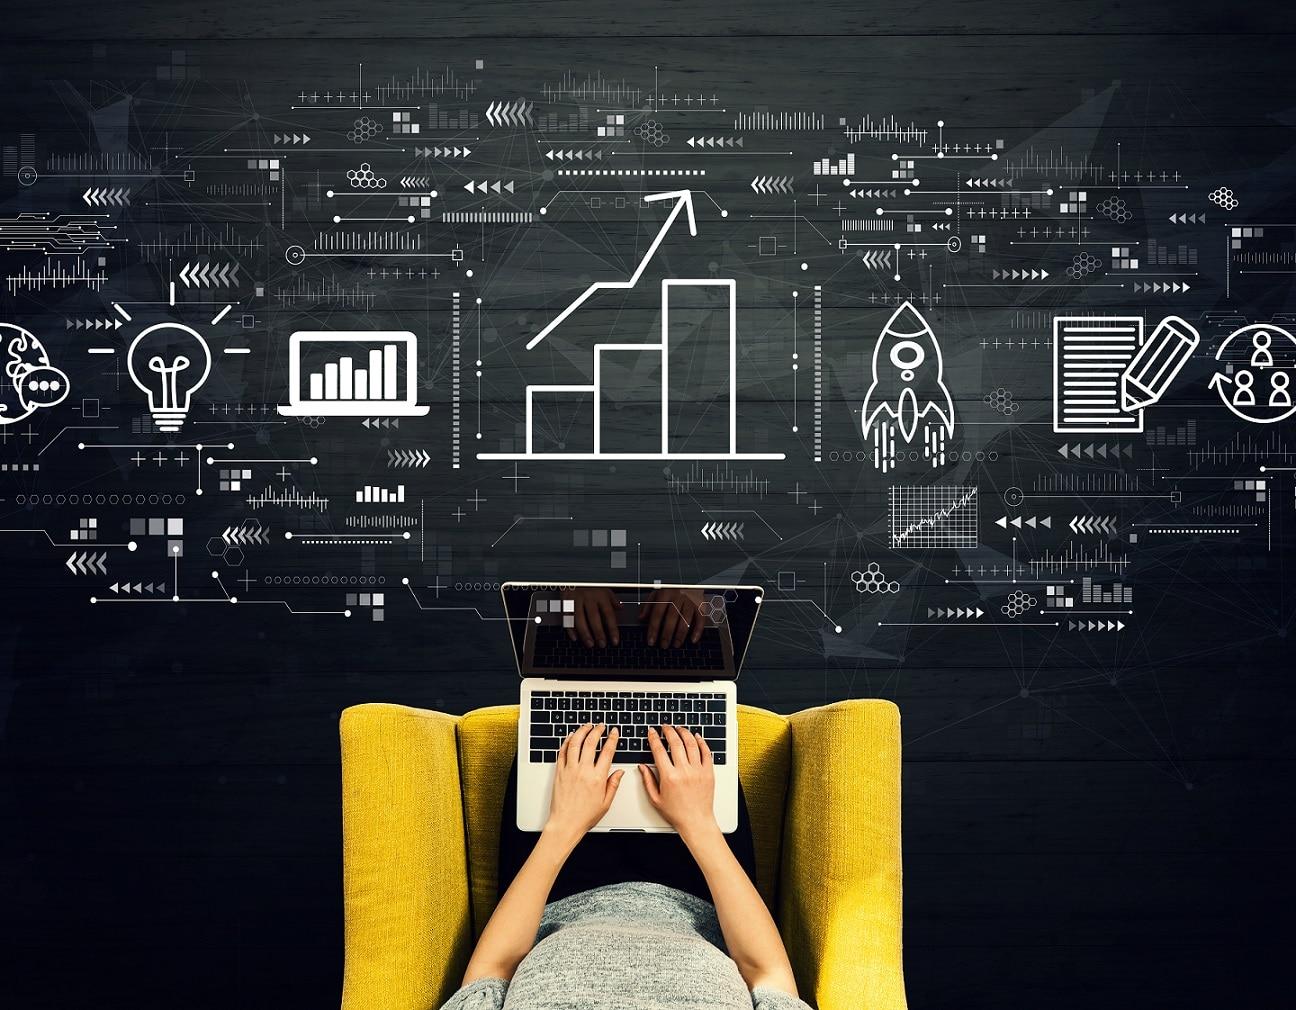 5 שאלות שיעזרו לכם להחליט על חבילת הפרסום הנכונה לעסק שלכם